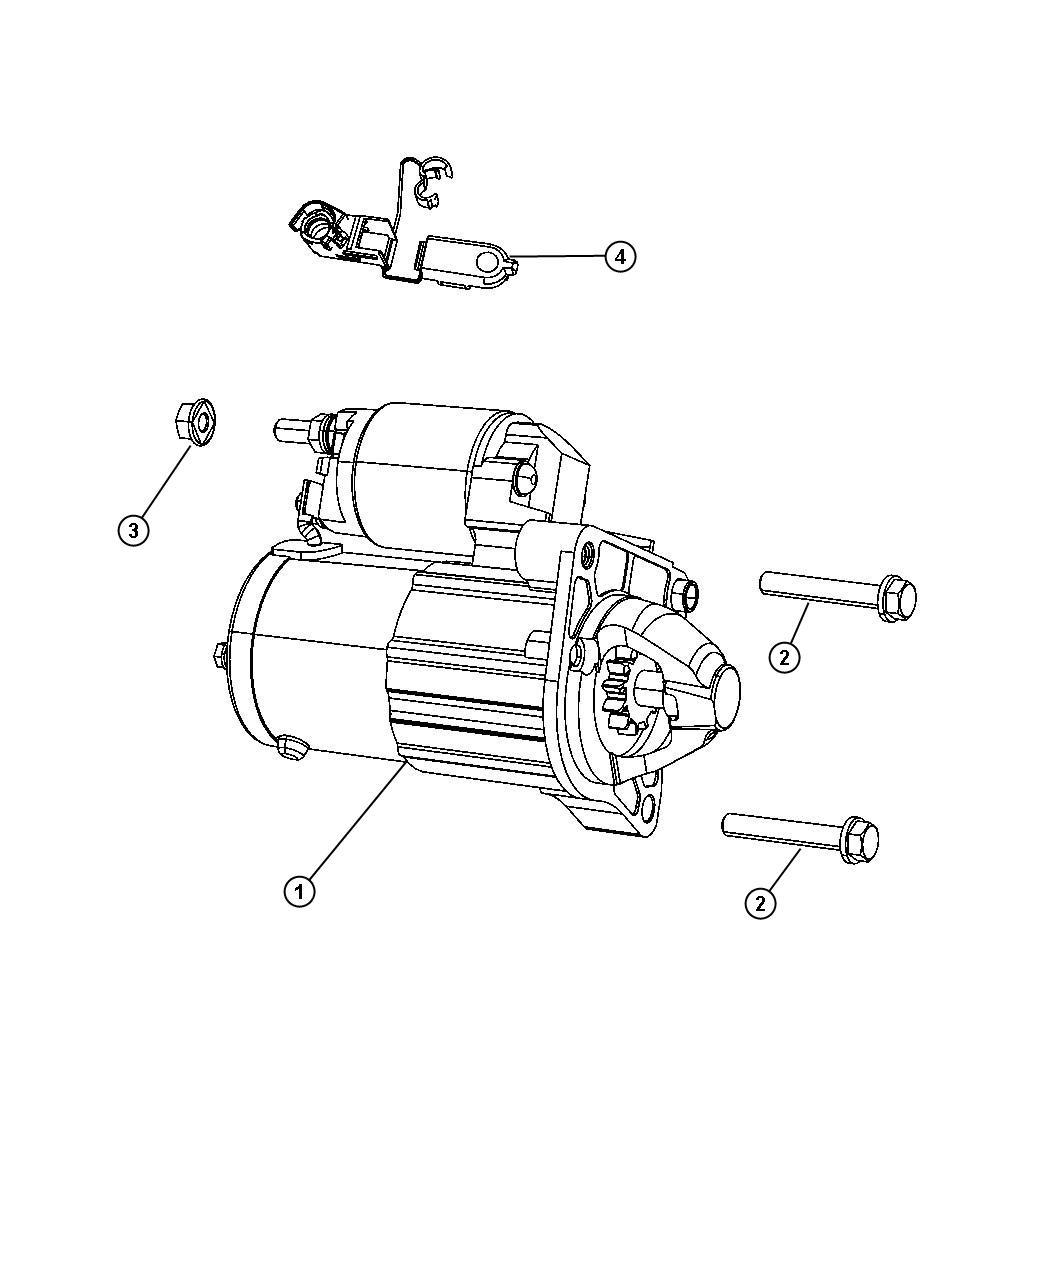 Fiat 500x Starter  Engine  Remanufactured  Related  Mopar